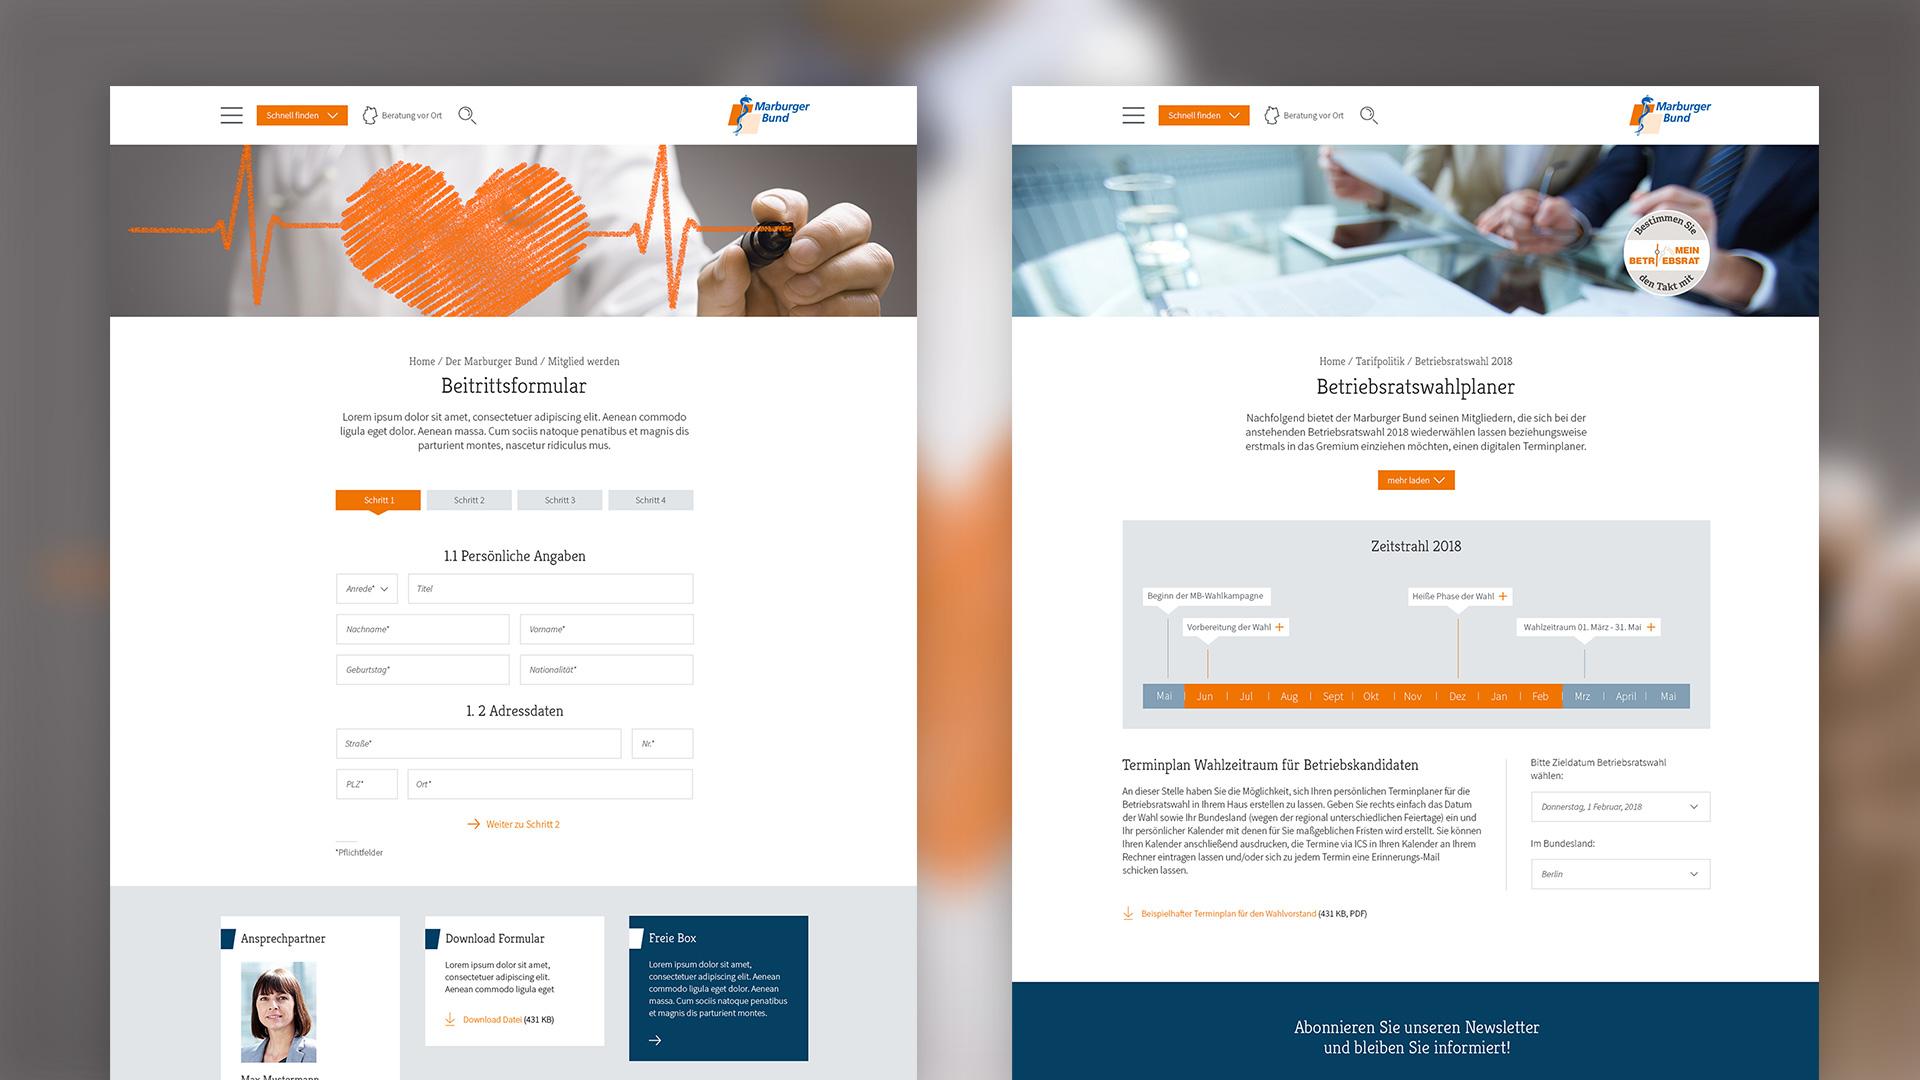 Marburger Bund Beitrittsformular/Betriebsratswahlplaner